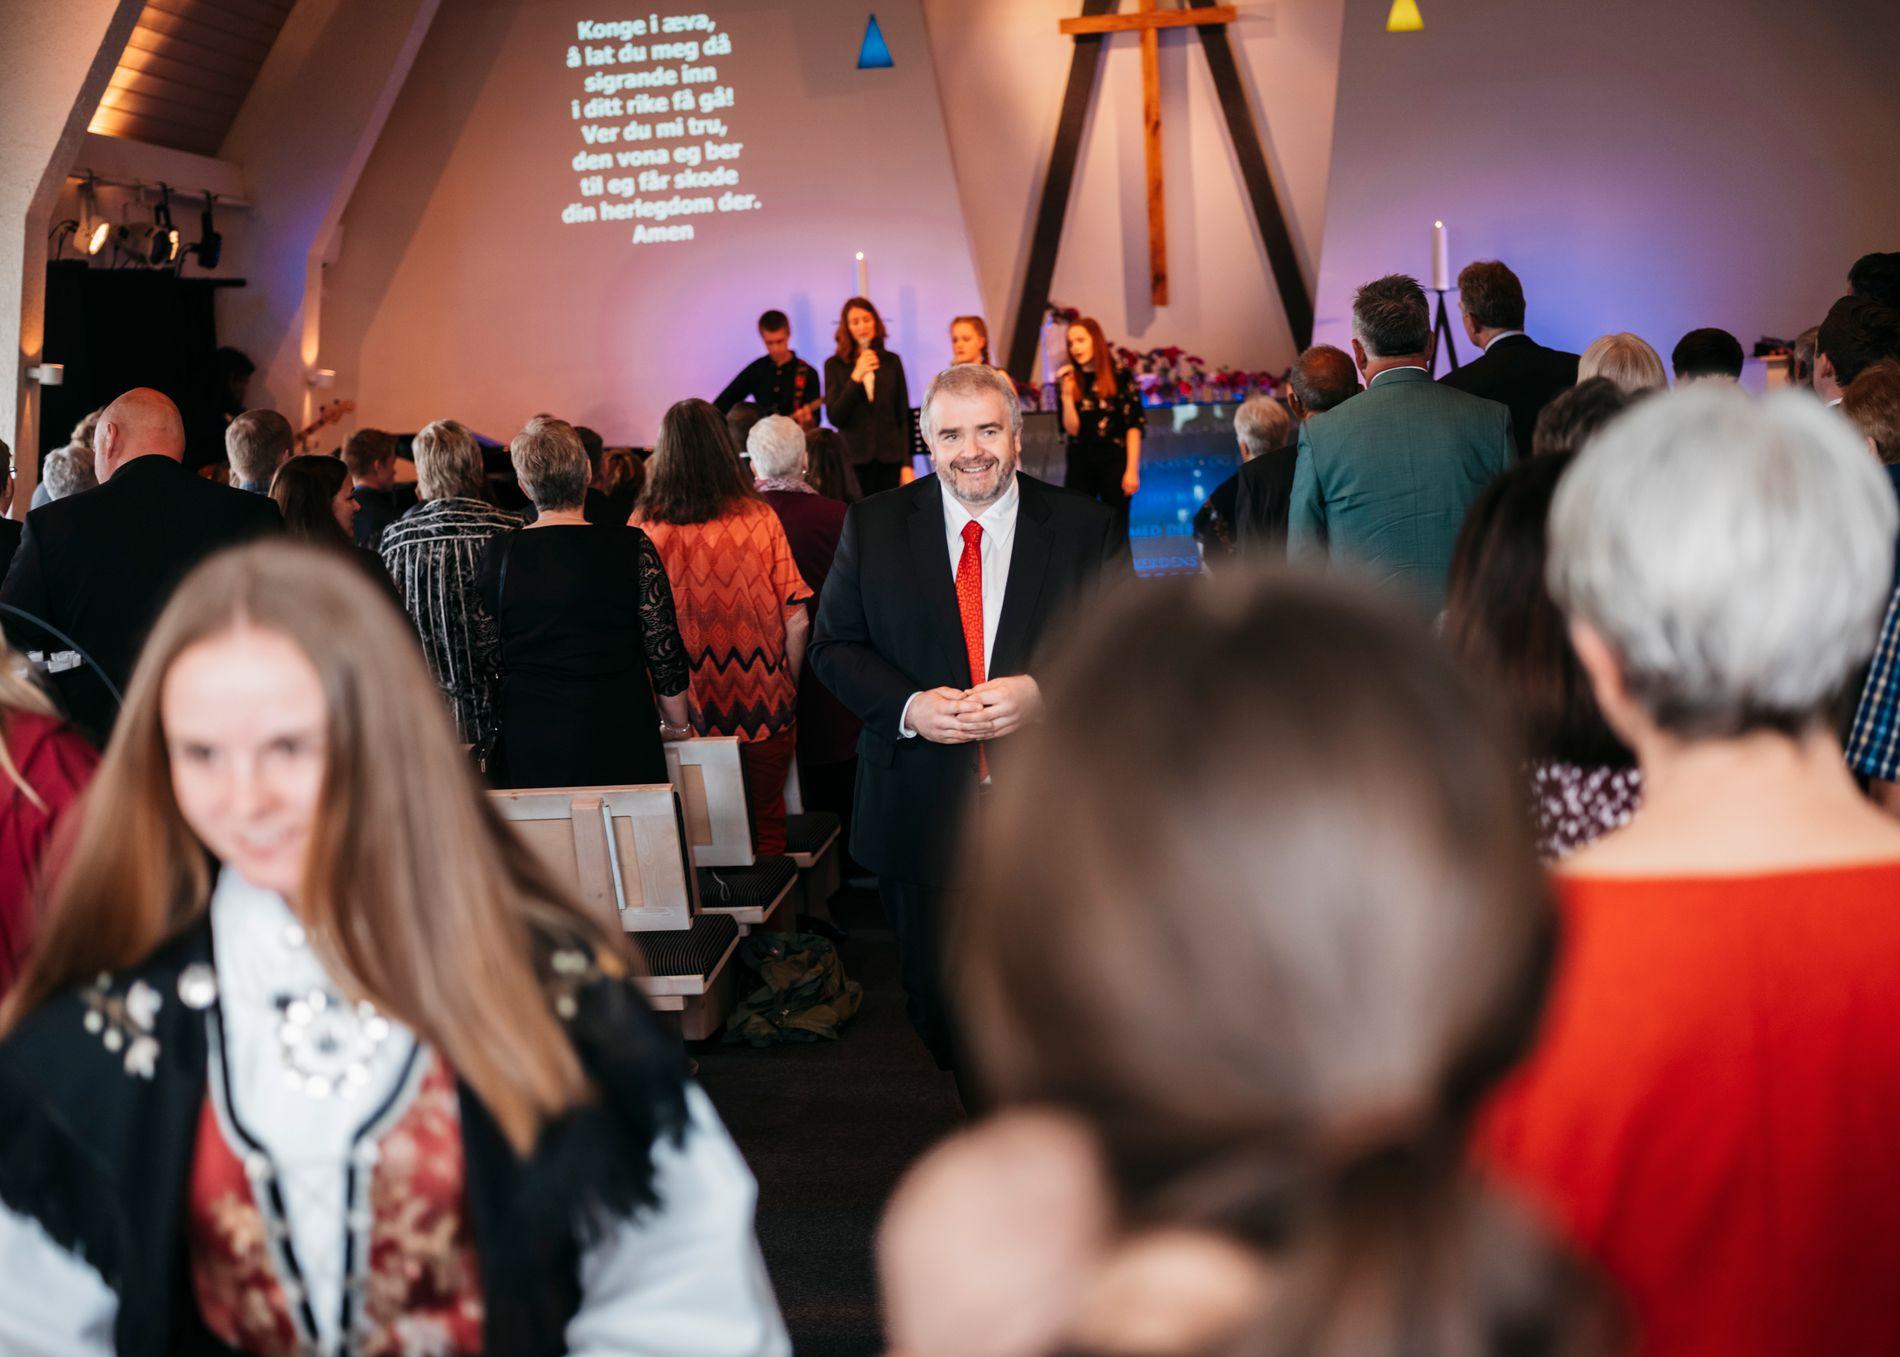 OLAUGS MENIGHET: I Ålgård baptistmenighet er de stolte av KrF-nestleder Olaug Bollestad, men ikke like fornøyde etter fjorårets skjebnehøst. – Dette veivalget ble litt galt uansett, sier pastor Magnar Meland.